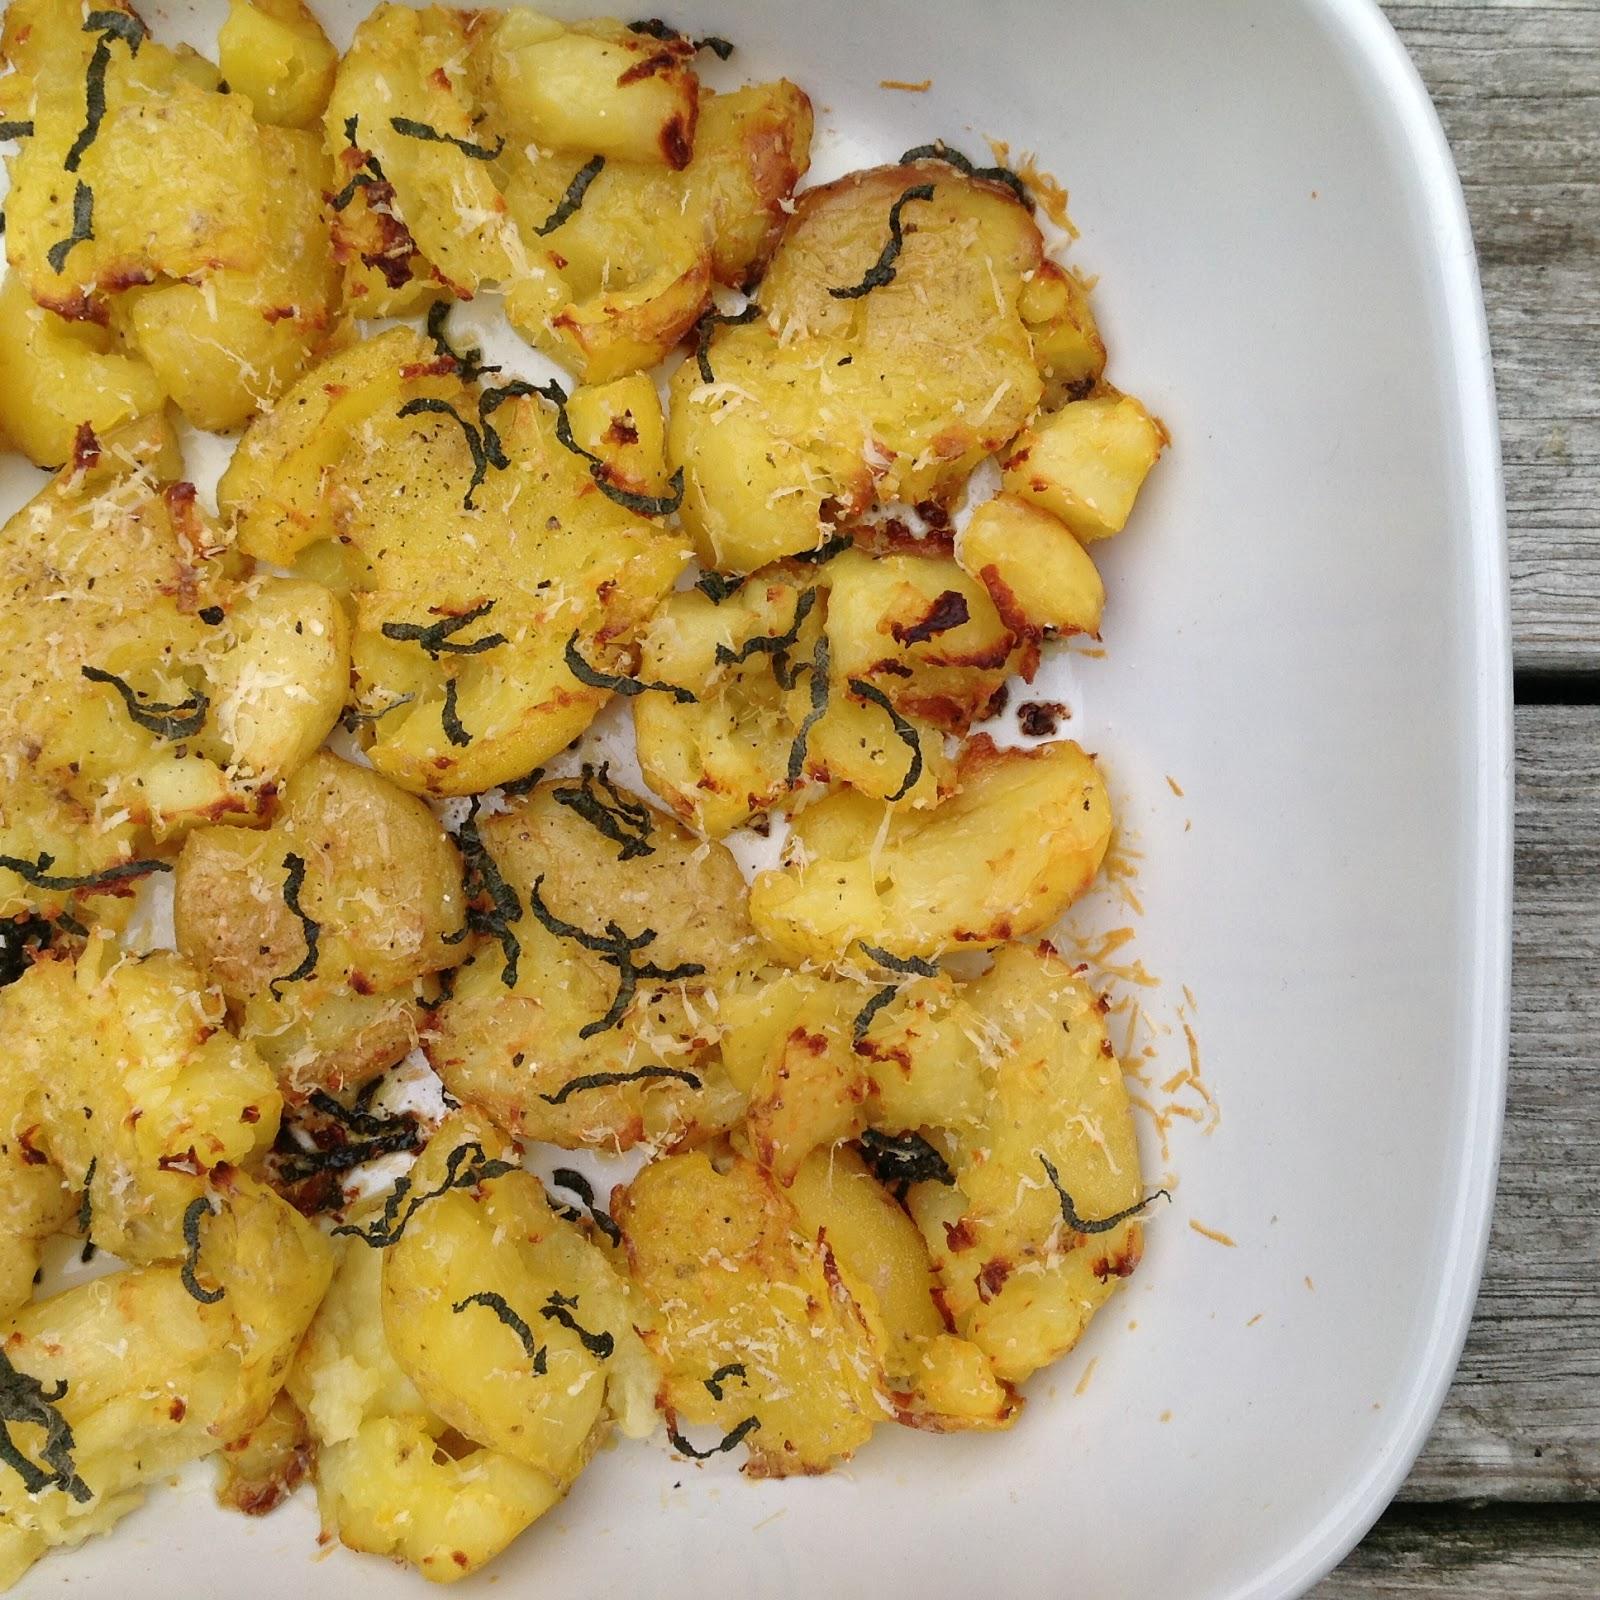 Evas Køkken: Knuste kartofler med parmesan og salvie